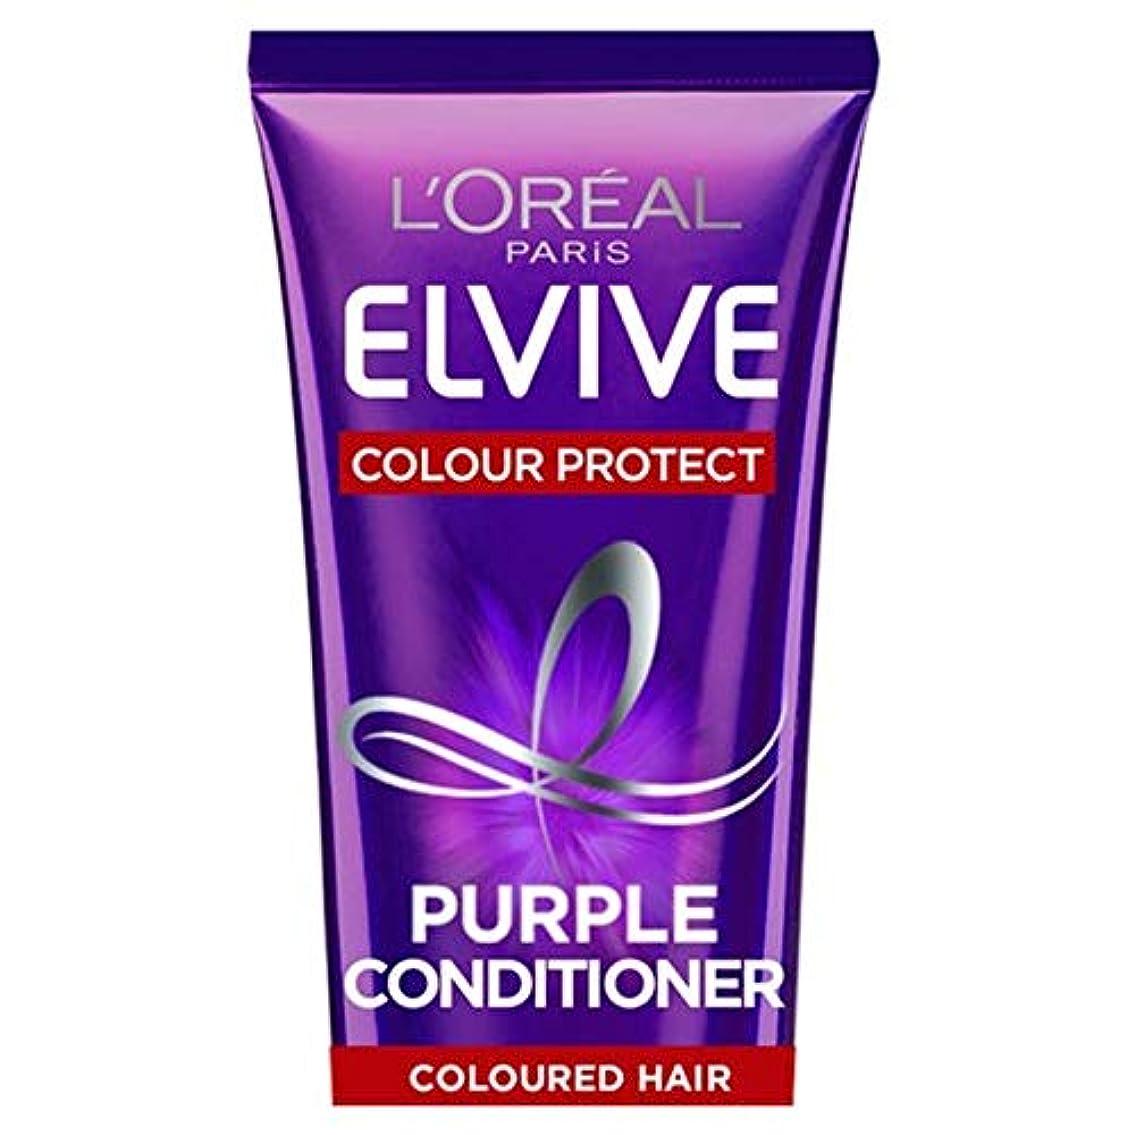 丈夫アーサードック[Elvive] ロレアルElvive色は紫コンディショナー150ミリリットルを保護します - L'oreal Elvive Colour Protect Purple Conditioner 150Ml [並行輸入品]